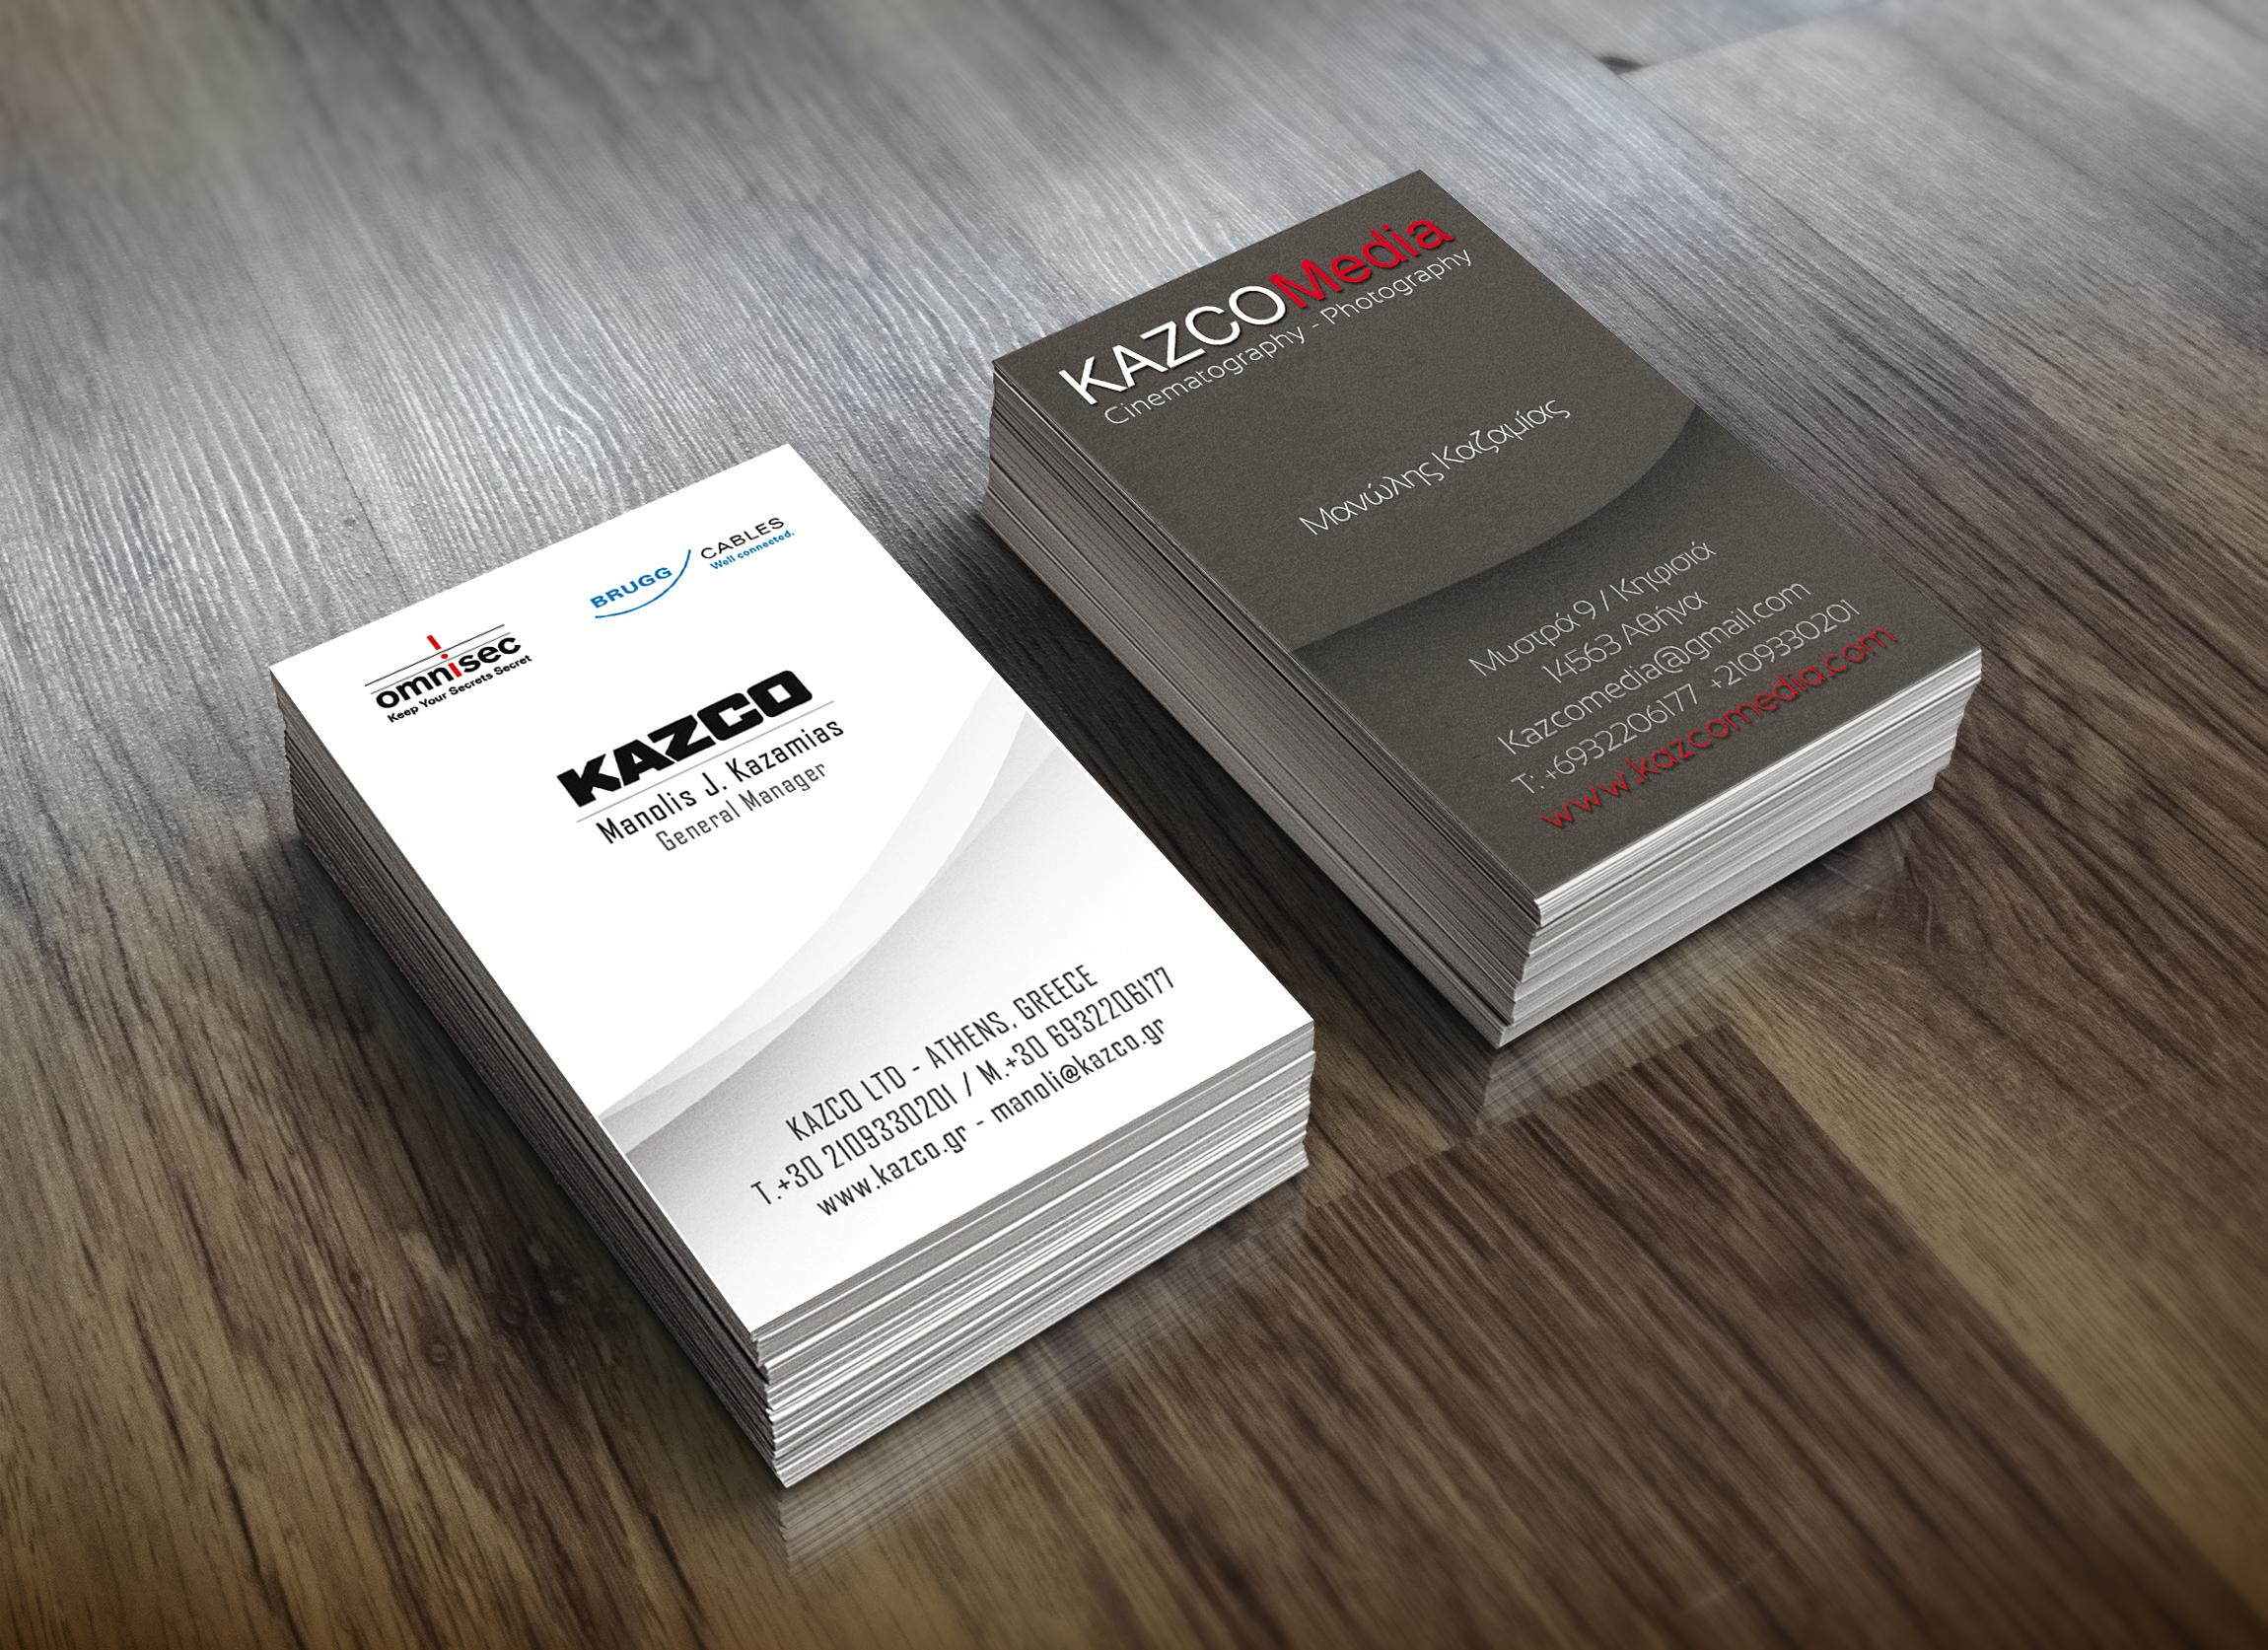 Kazco cards.jpg